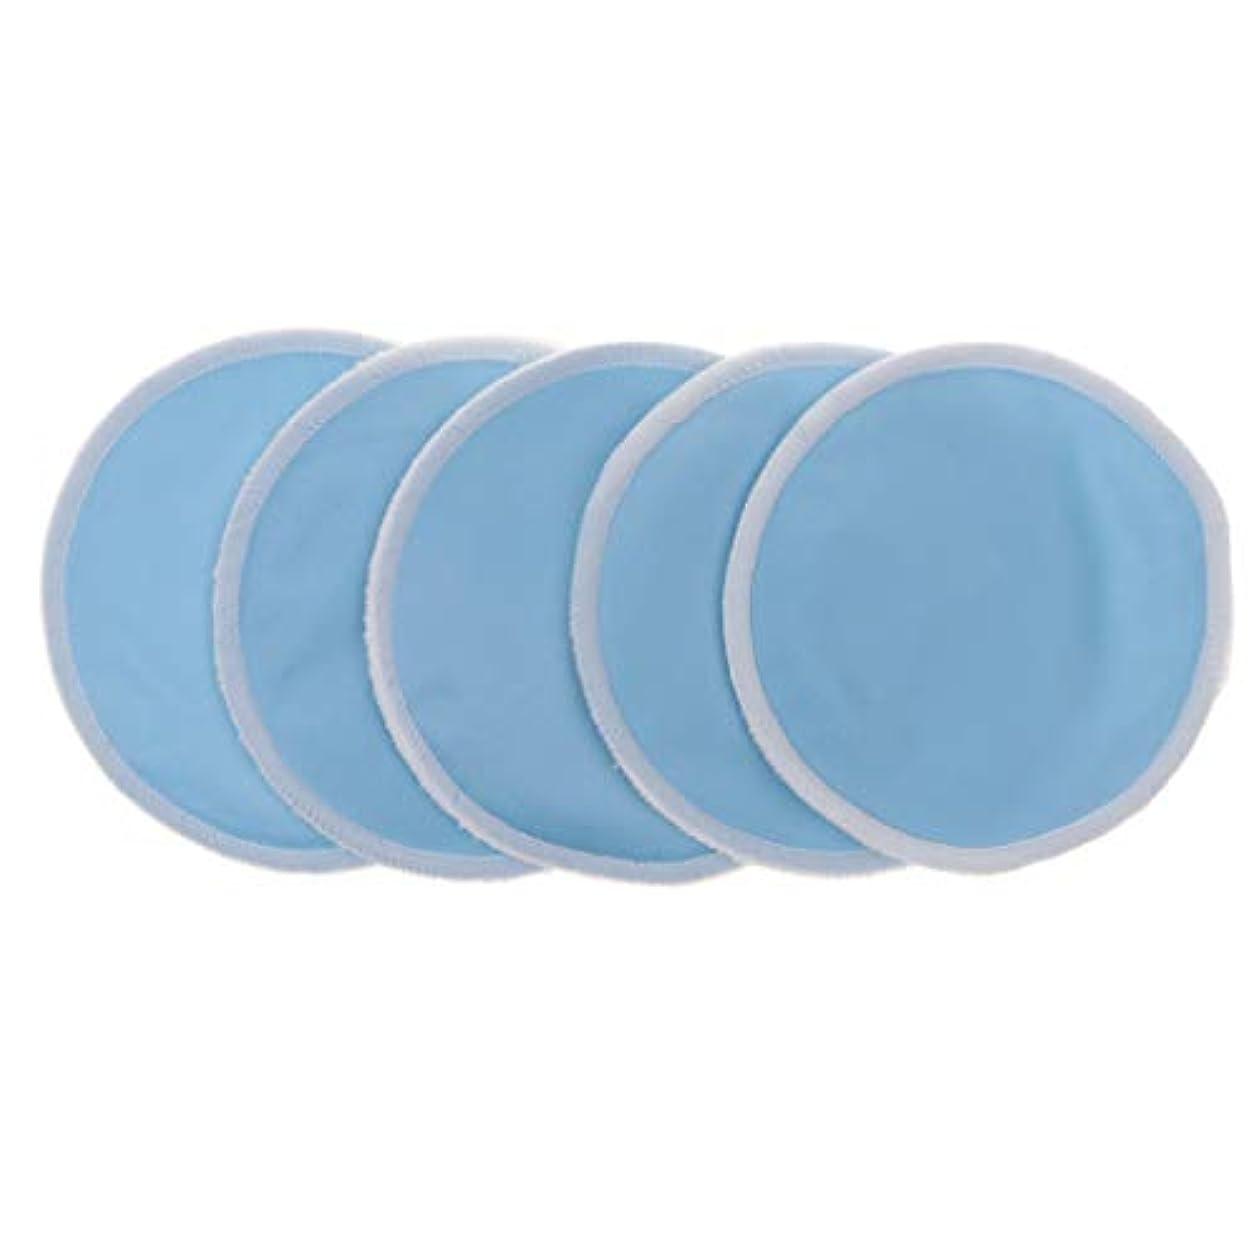 海臨検講師D DOLITY 全5色 胸パッド クレンジングシート メイクアップ 竹繊維 12cm 洗える 再使用可 実用的 5個入 - 青